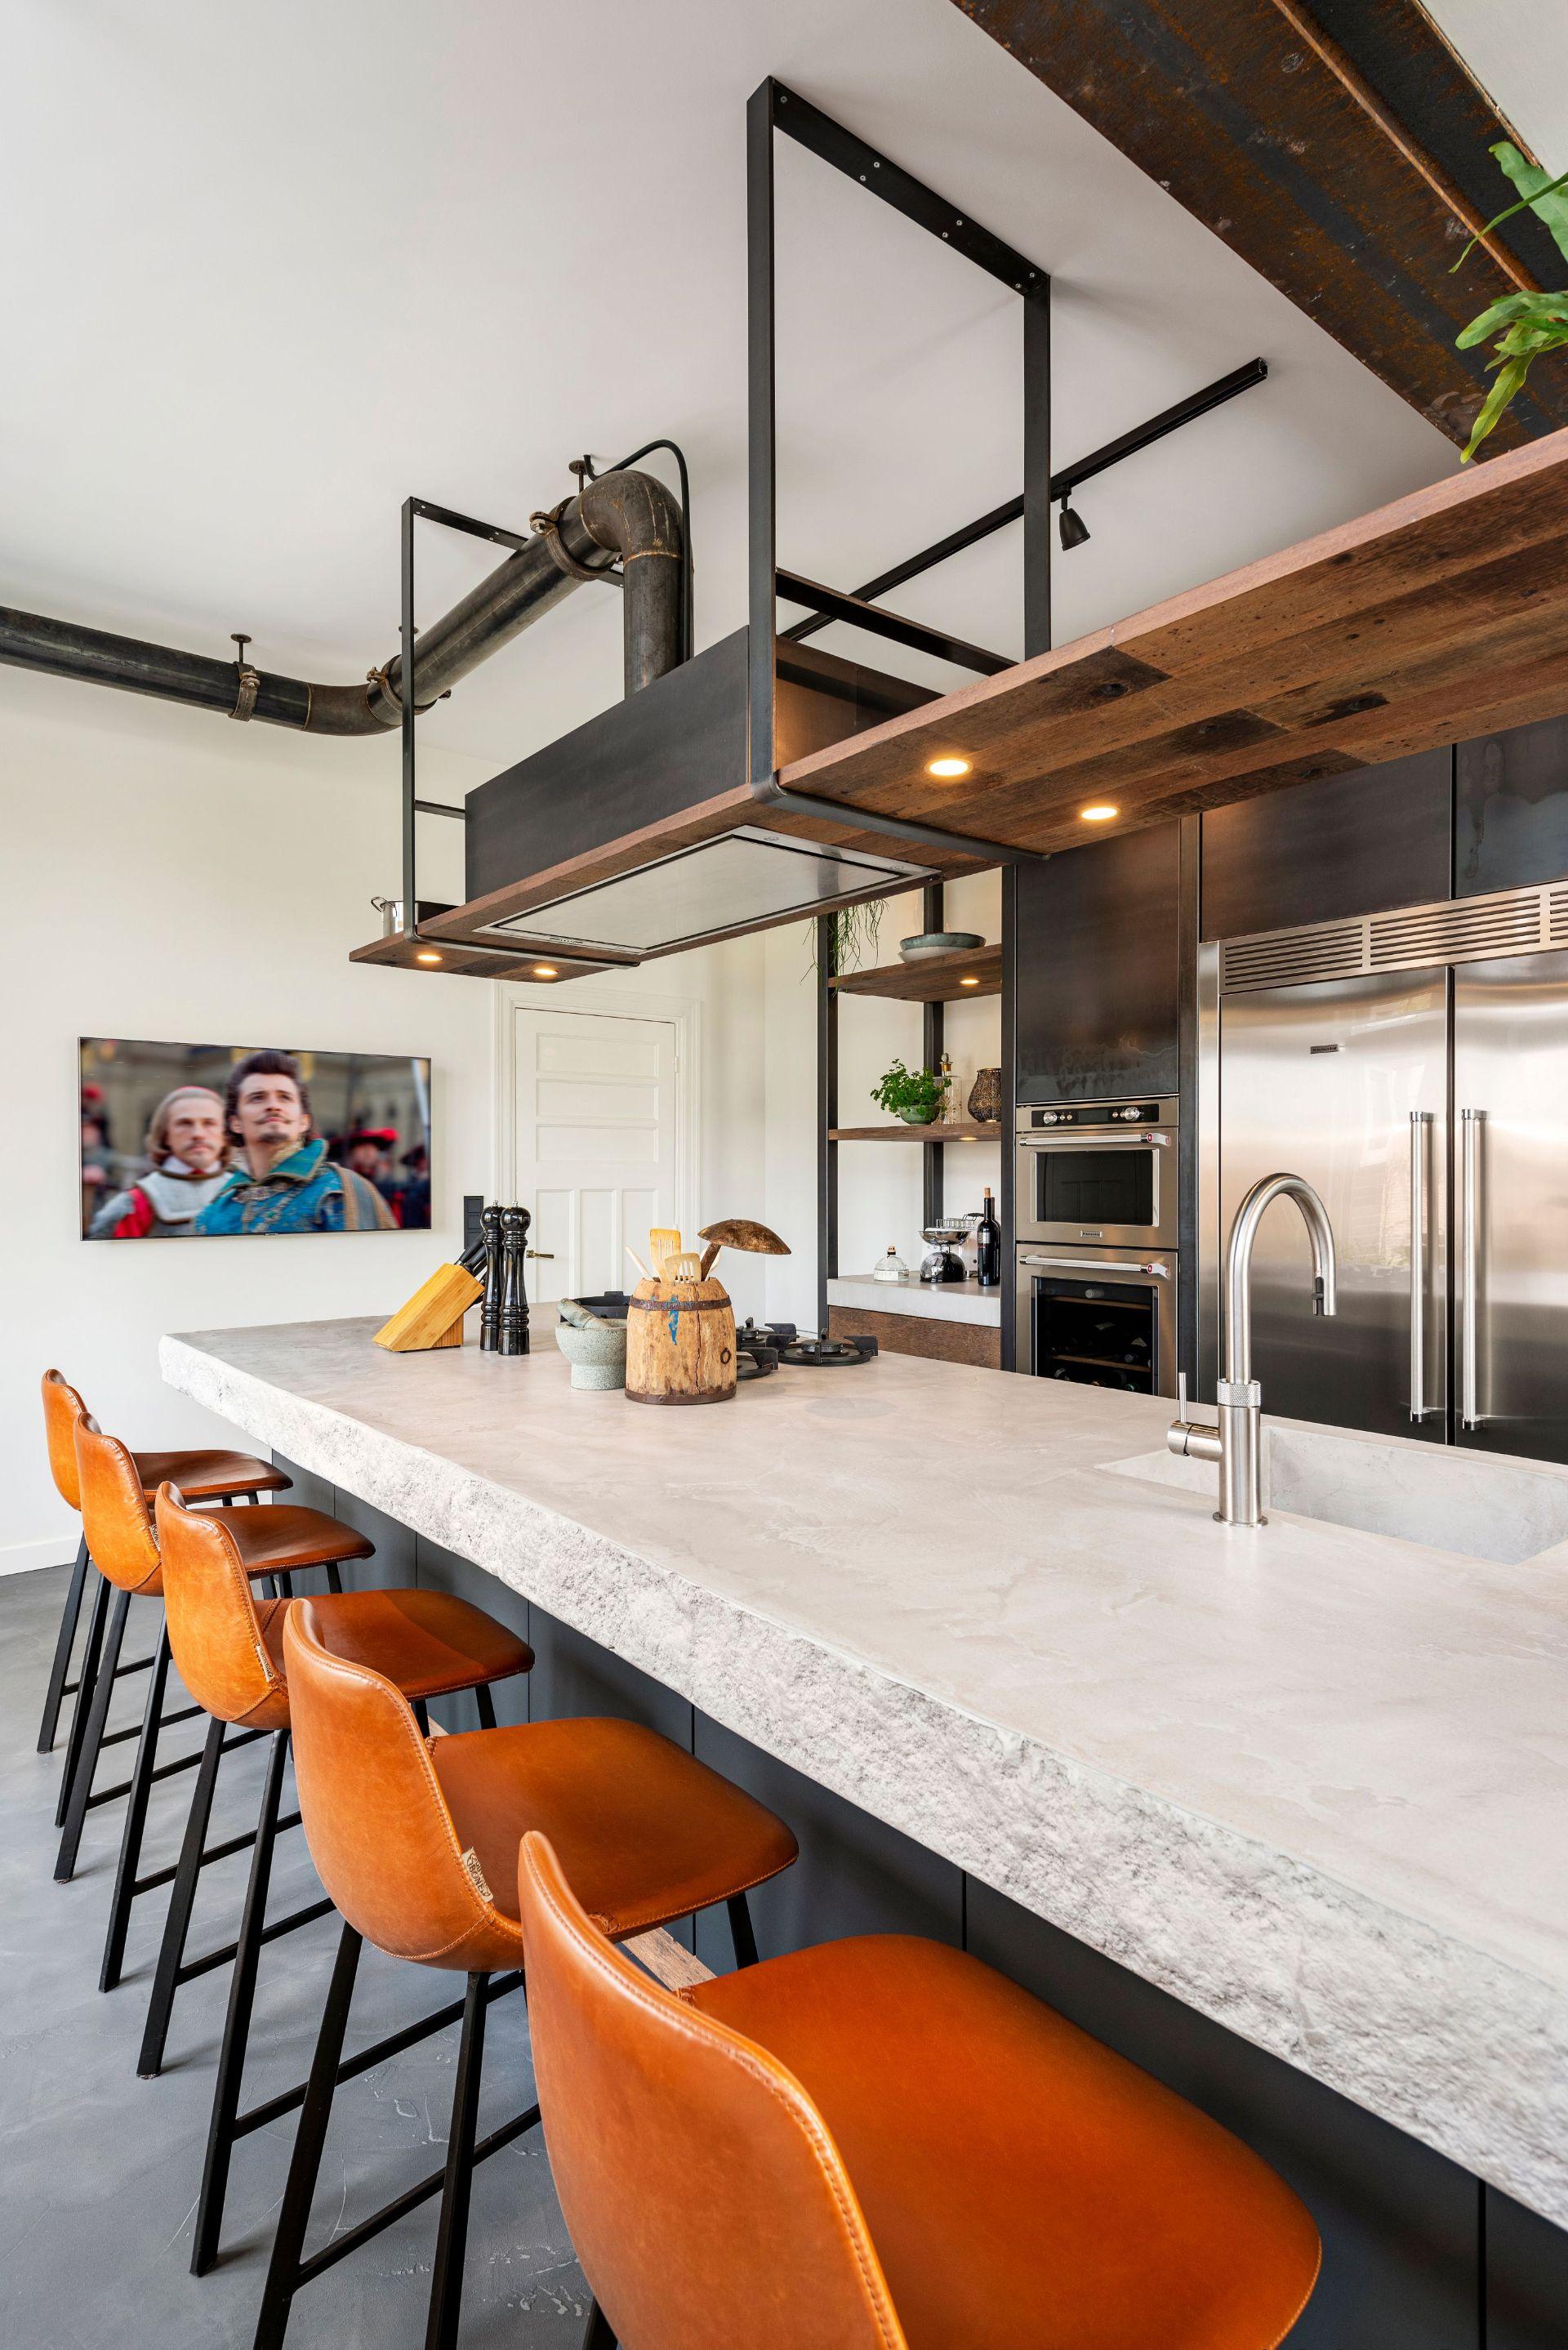 Kookeiland industriele keuken. Restyle XL #keuken #kookeiland #restylexl